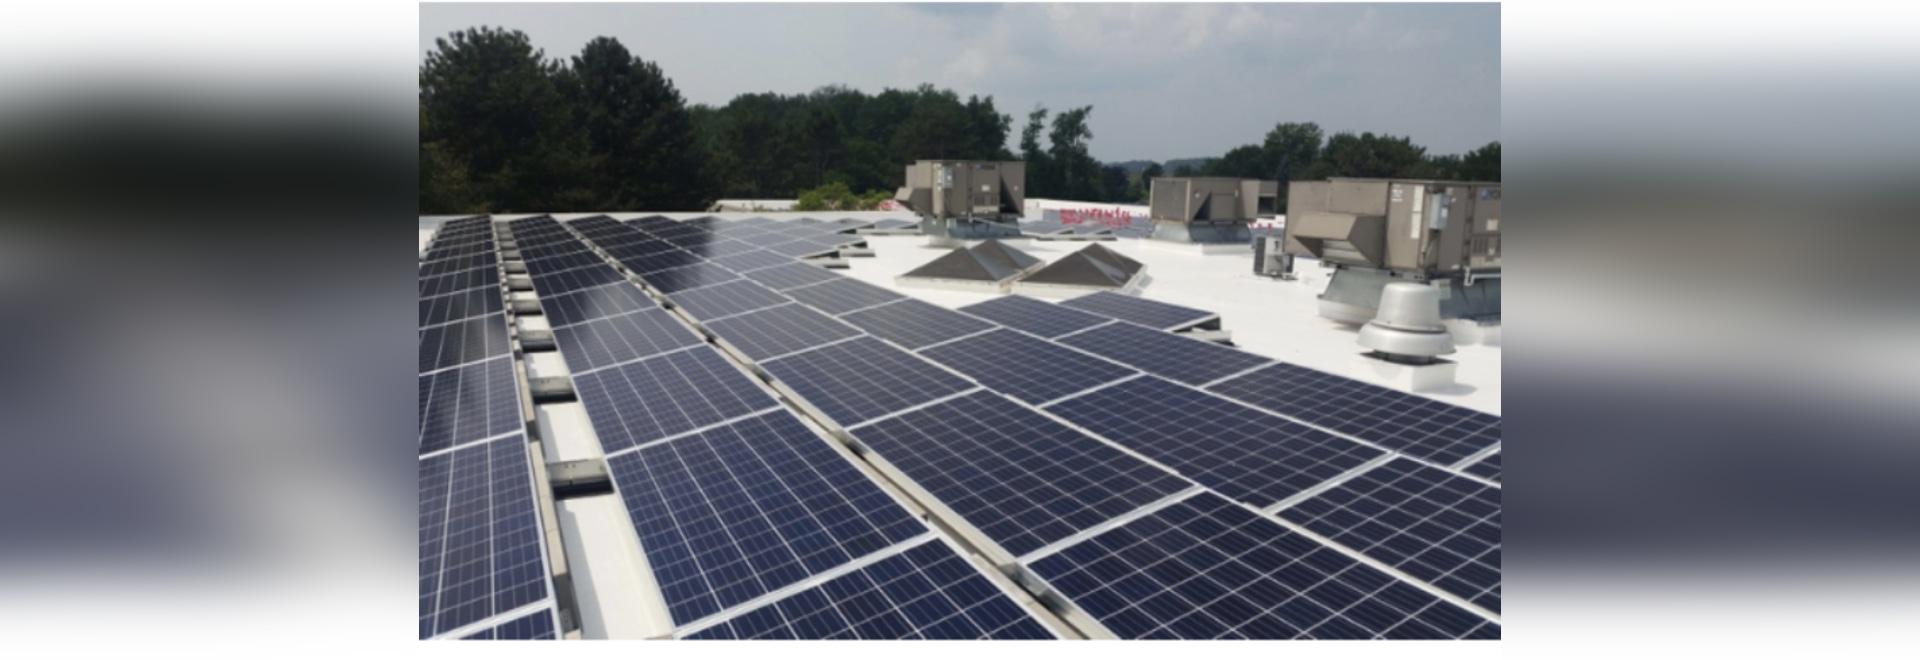 Ventil-Hersteller Commits zur stützbaren Energie mit Solarinitiative